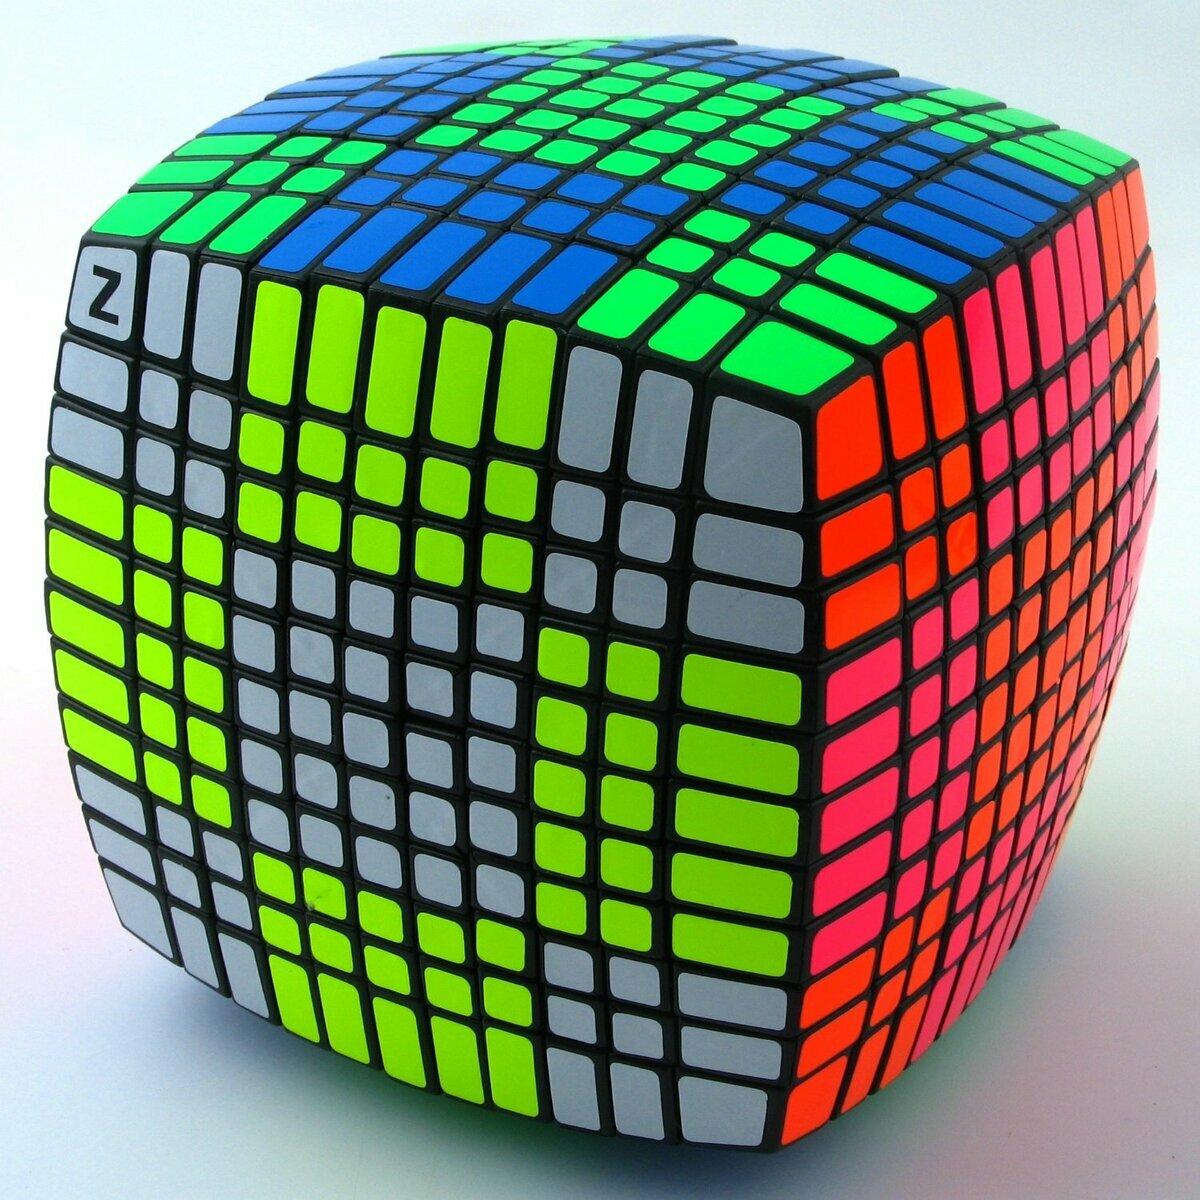 открытка кубик рубика ударение слове фотографировать